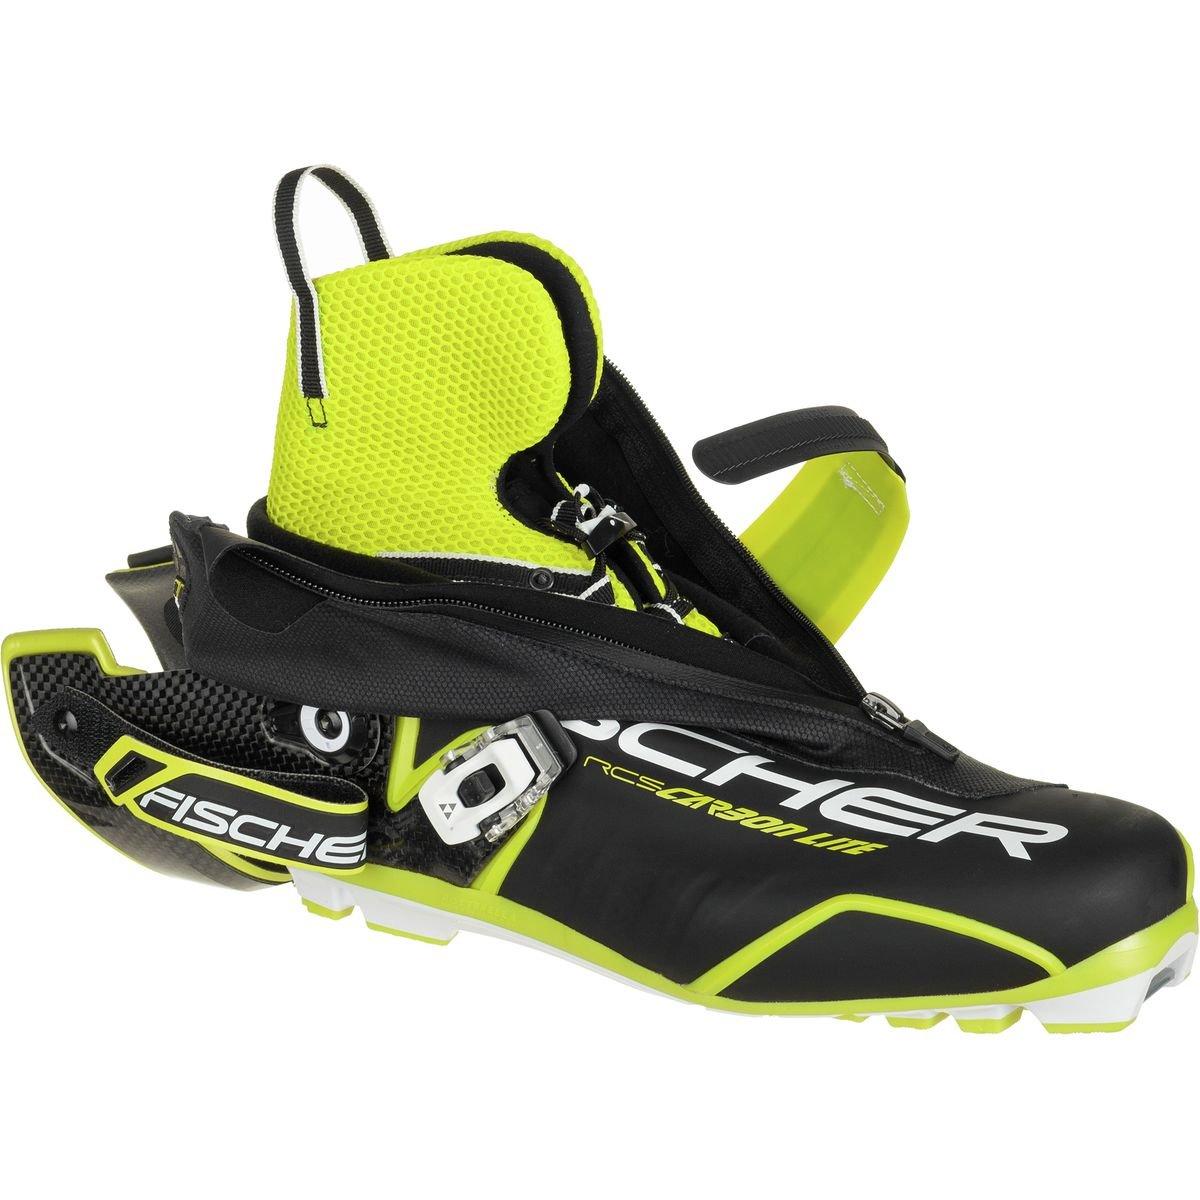 Fischer RCS Carbonlite Skate 16 17 B00FX3Z9Y6 Stiefel Stiefel Stiefel Neuankömmling a21153